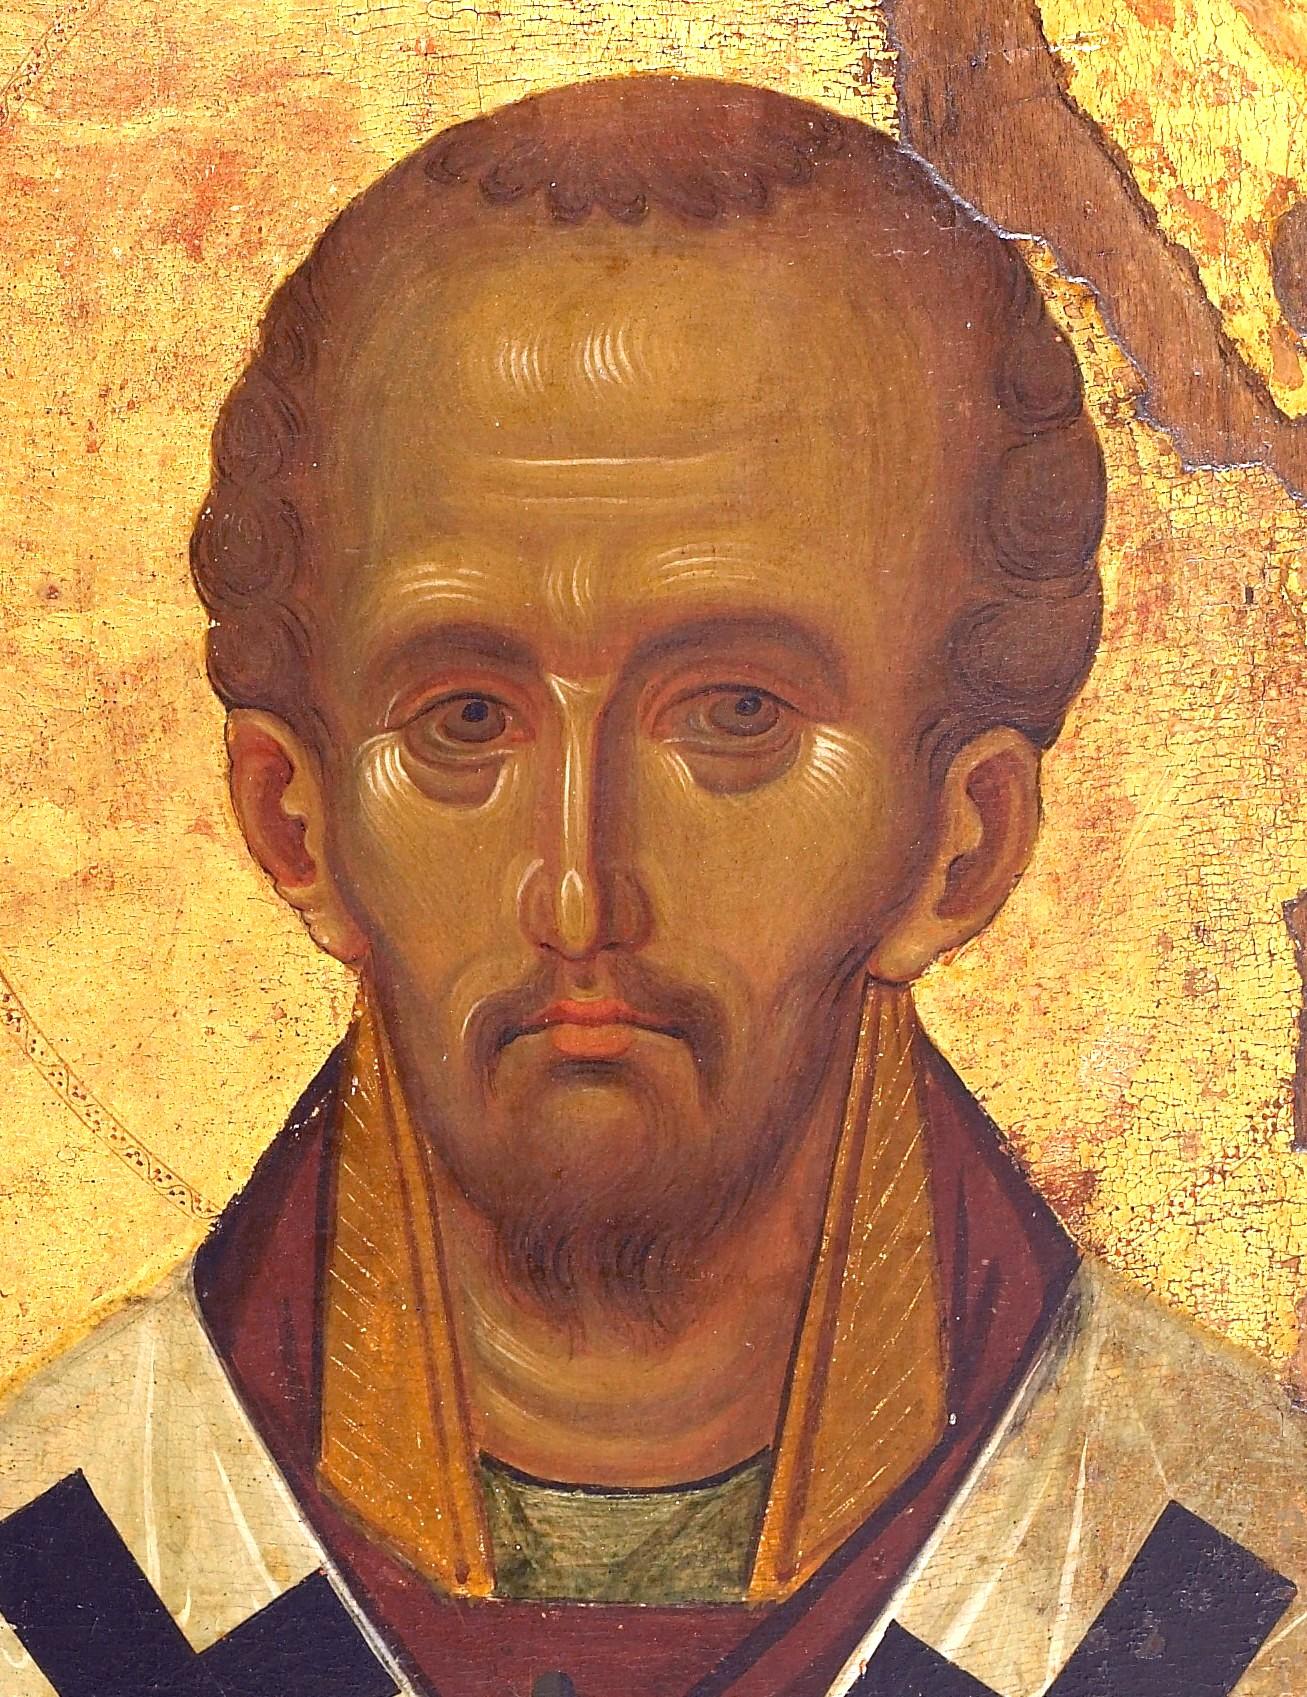 Святитель Иоанн Златоуст, Архиепископ Константинопольский. Византийская икона в монастыре Ватопед на Афоне. Фрагмент.